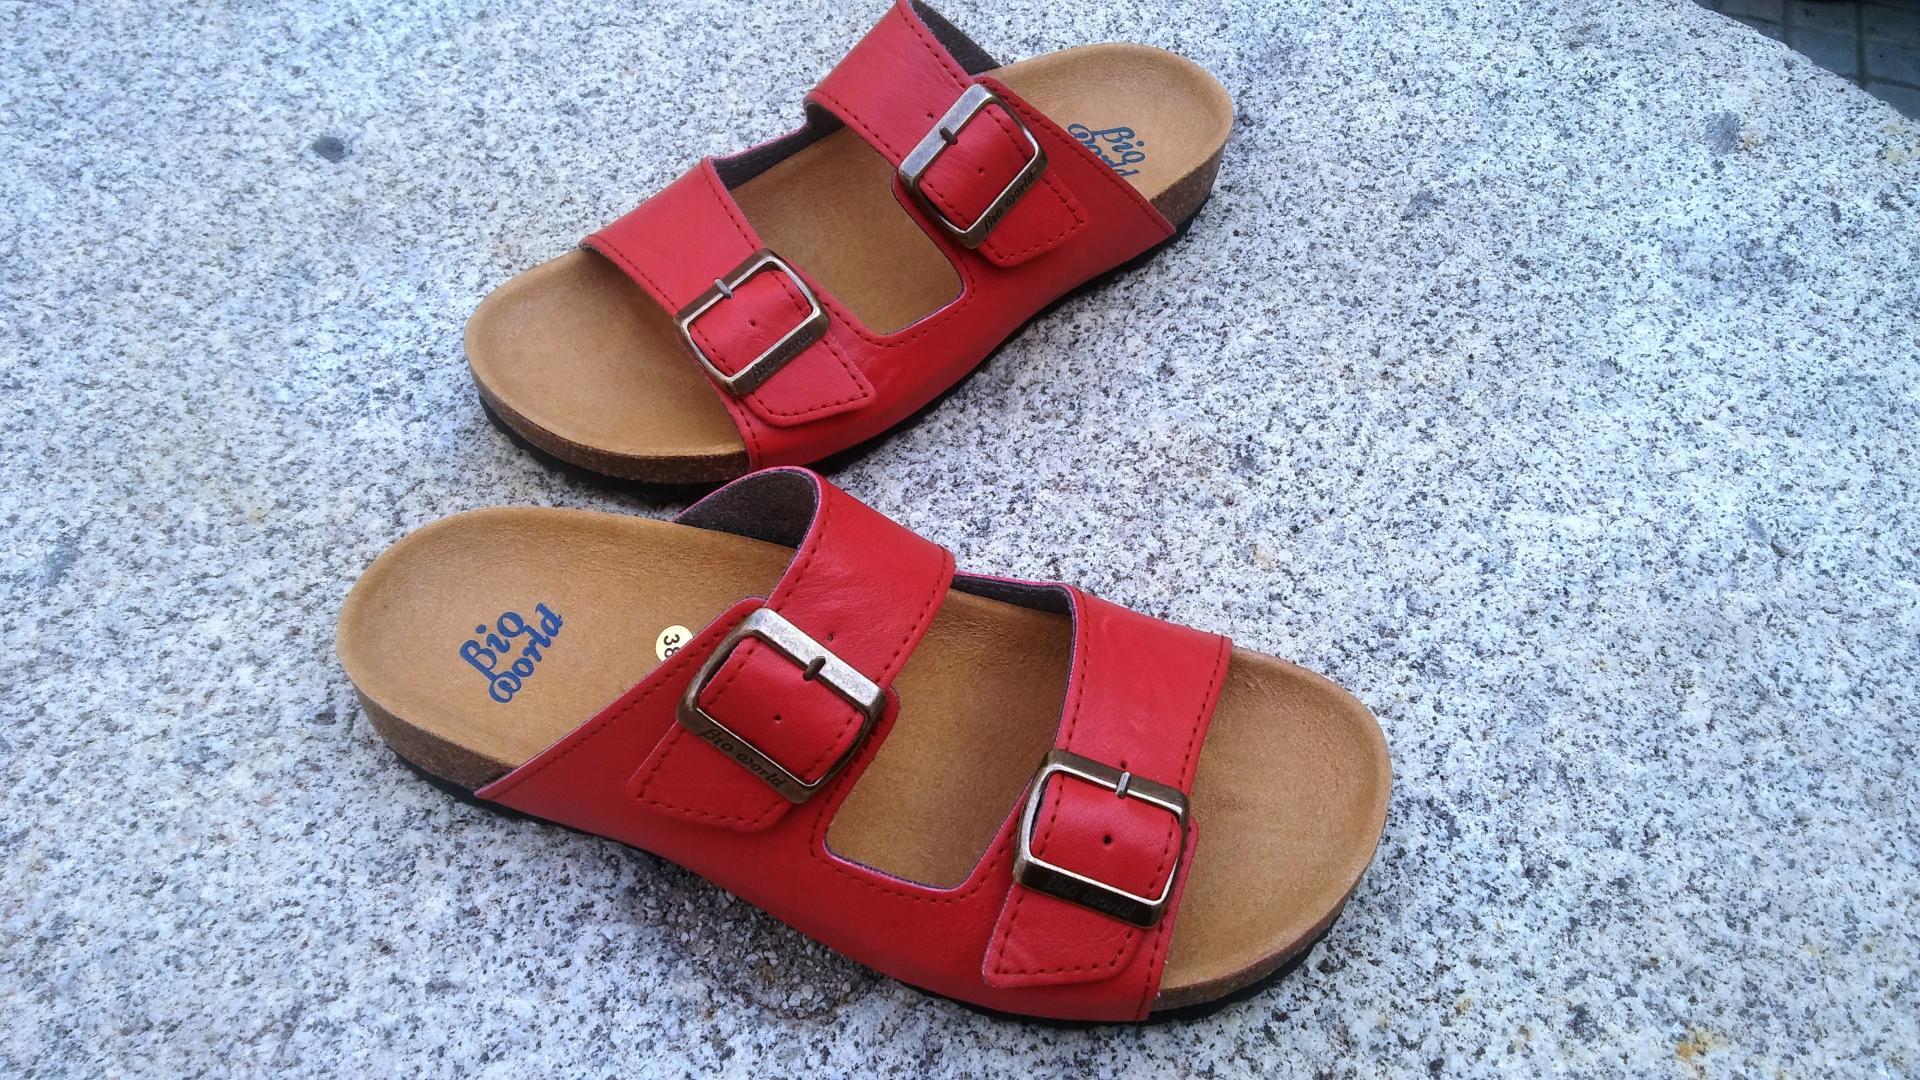 VICTORIA ROJO, sandalias veganas, sandalias veganas mujer, calzado vegano, sandalias de tacón bajo, sandalias bioworld, vegan shoes, sandalias rojas.